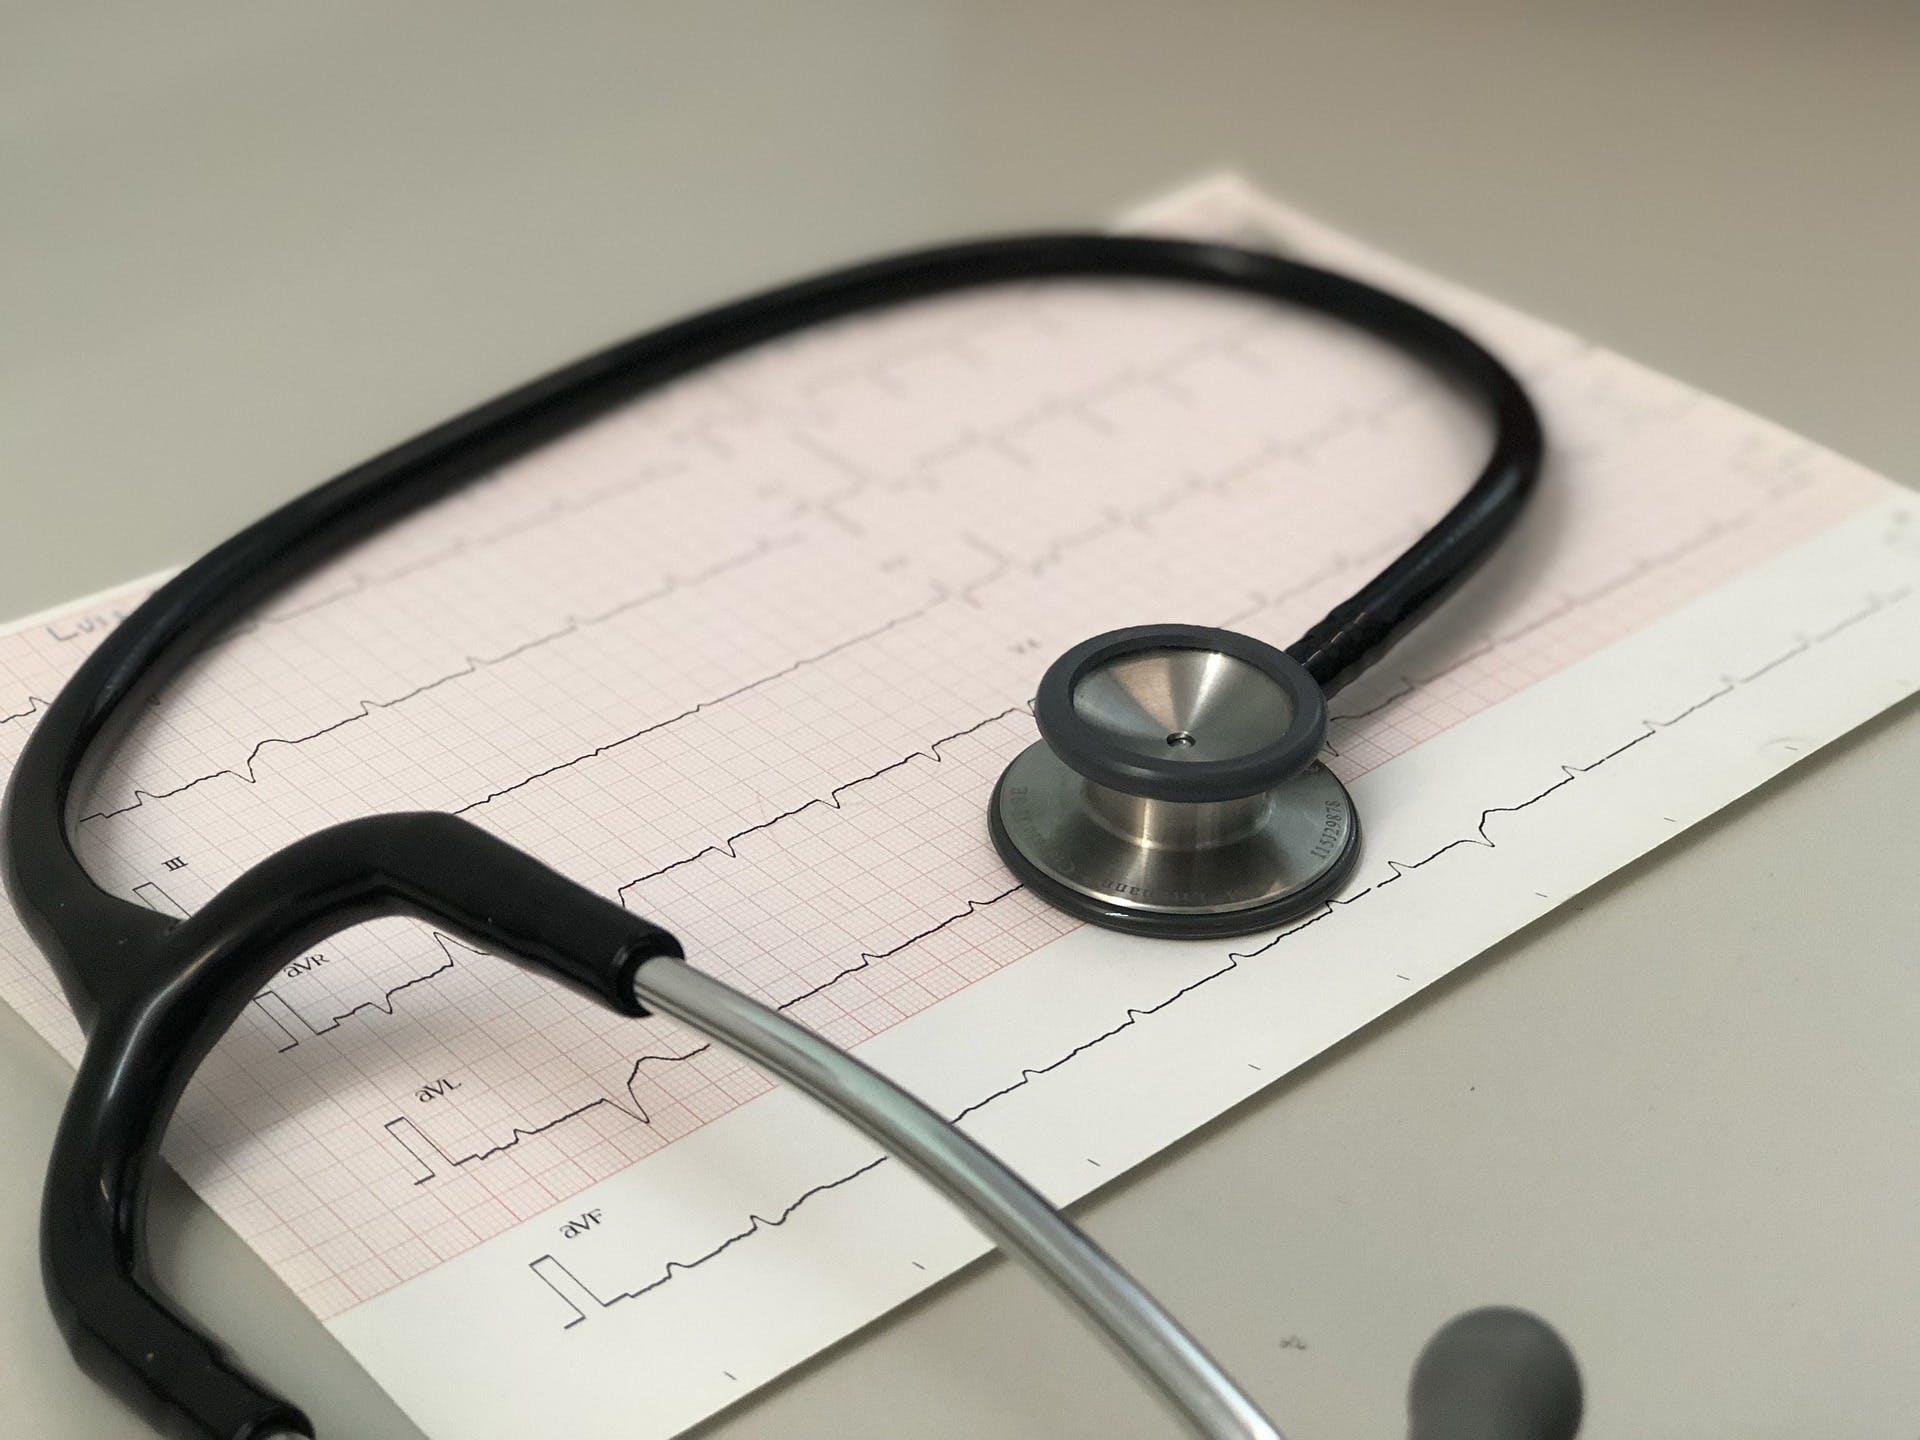 Hjerteflimmer diagnostiseres på EKG